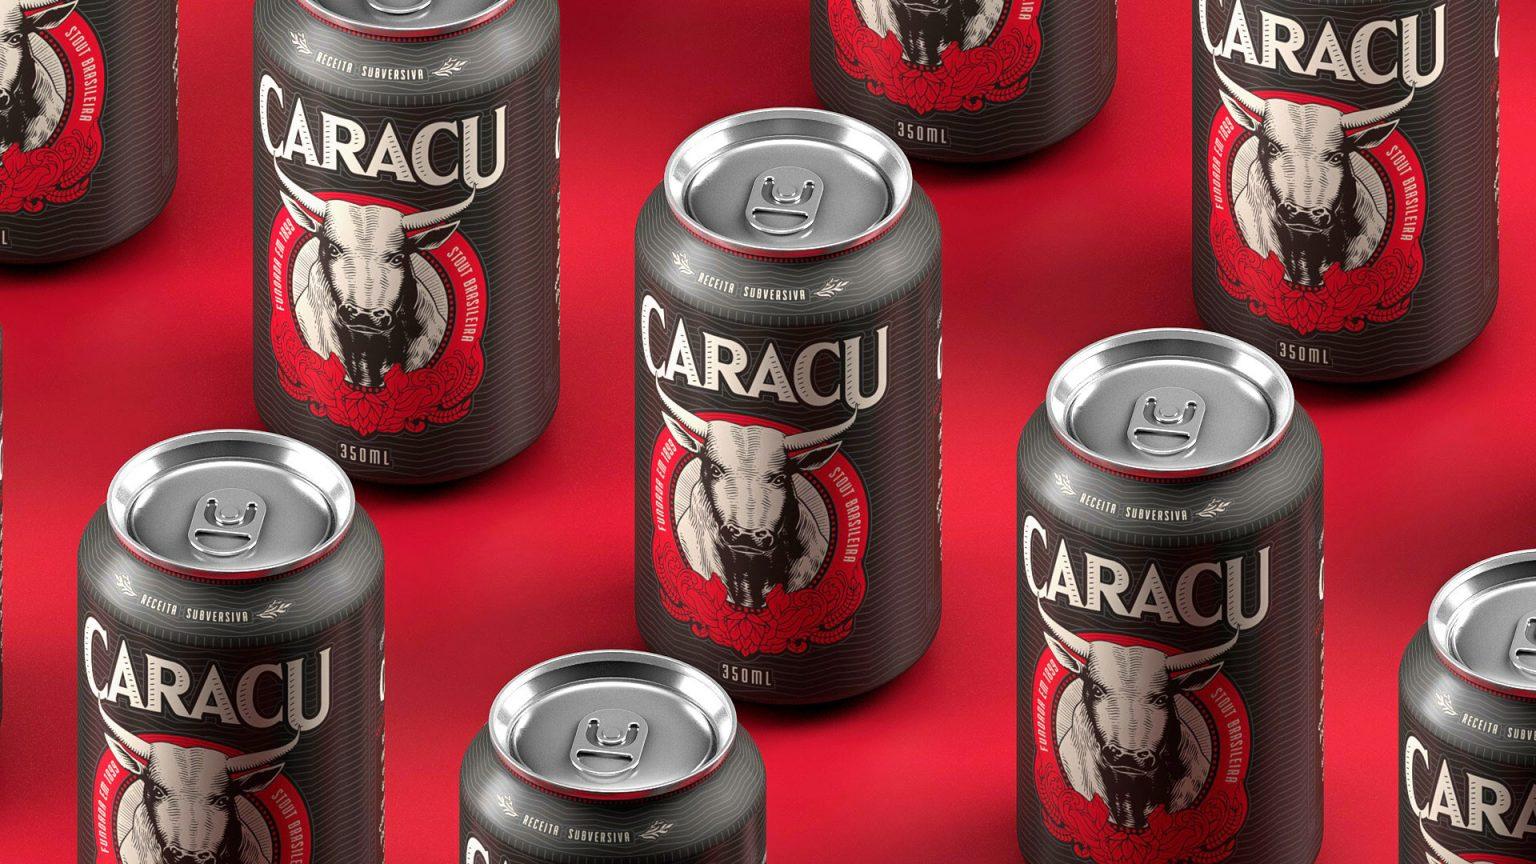 Reposicionamento de marca Caracu